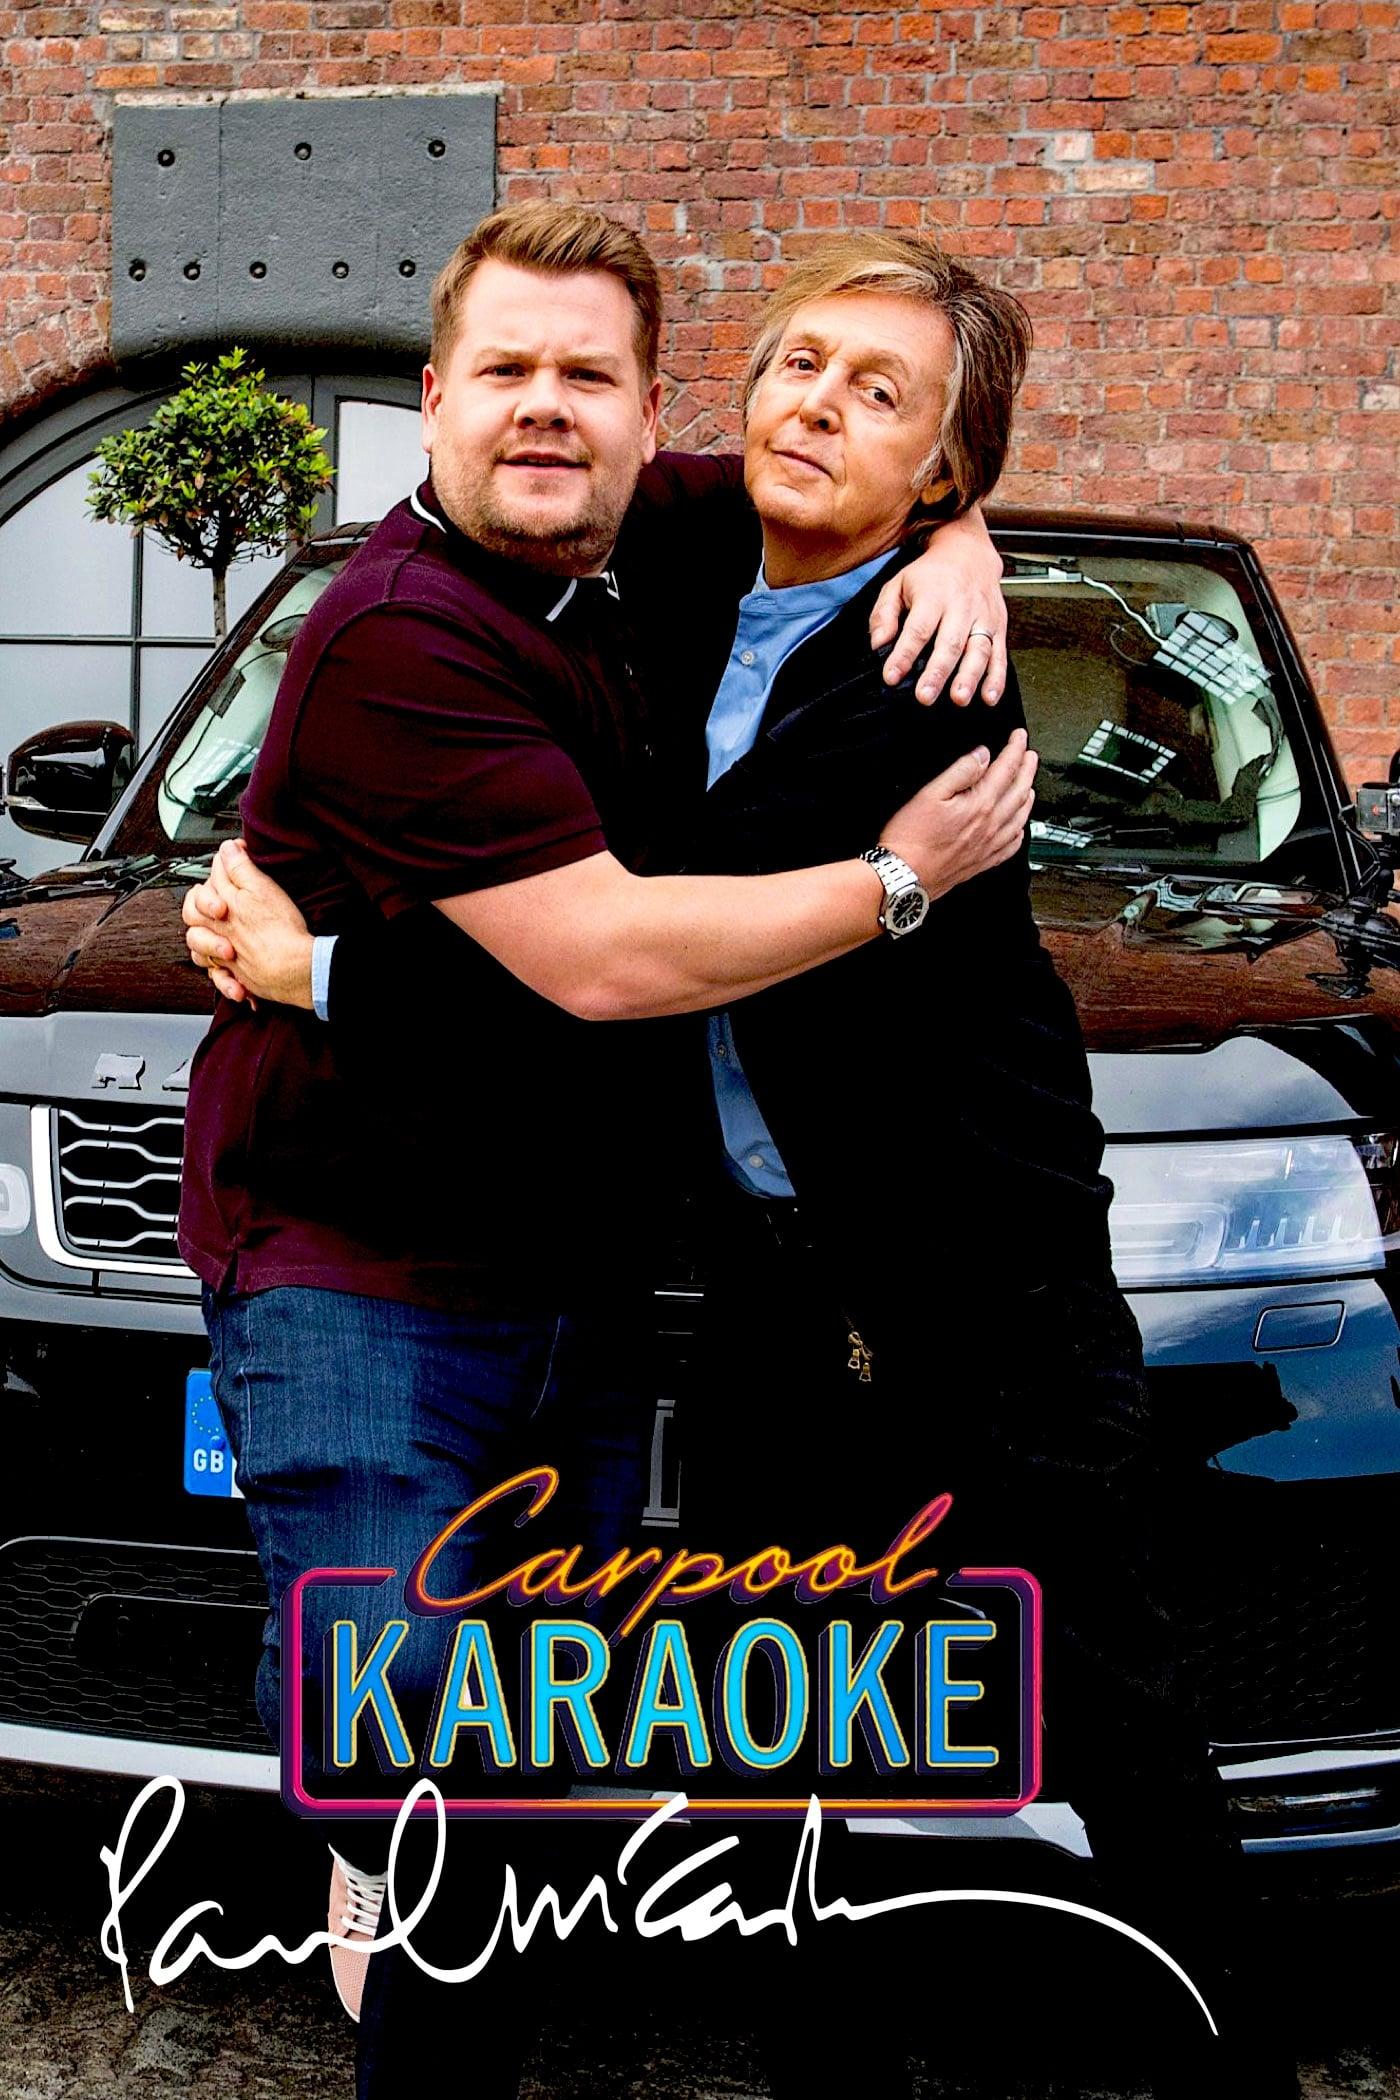 Carpool Karaoke When Corden Met Mccartney Live From Liverpool 2018